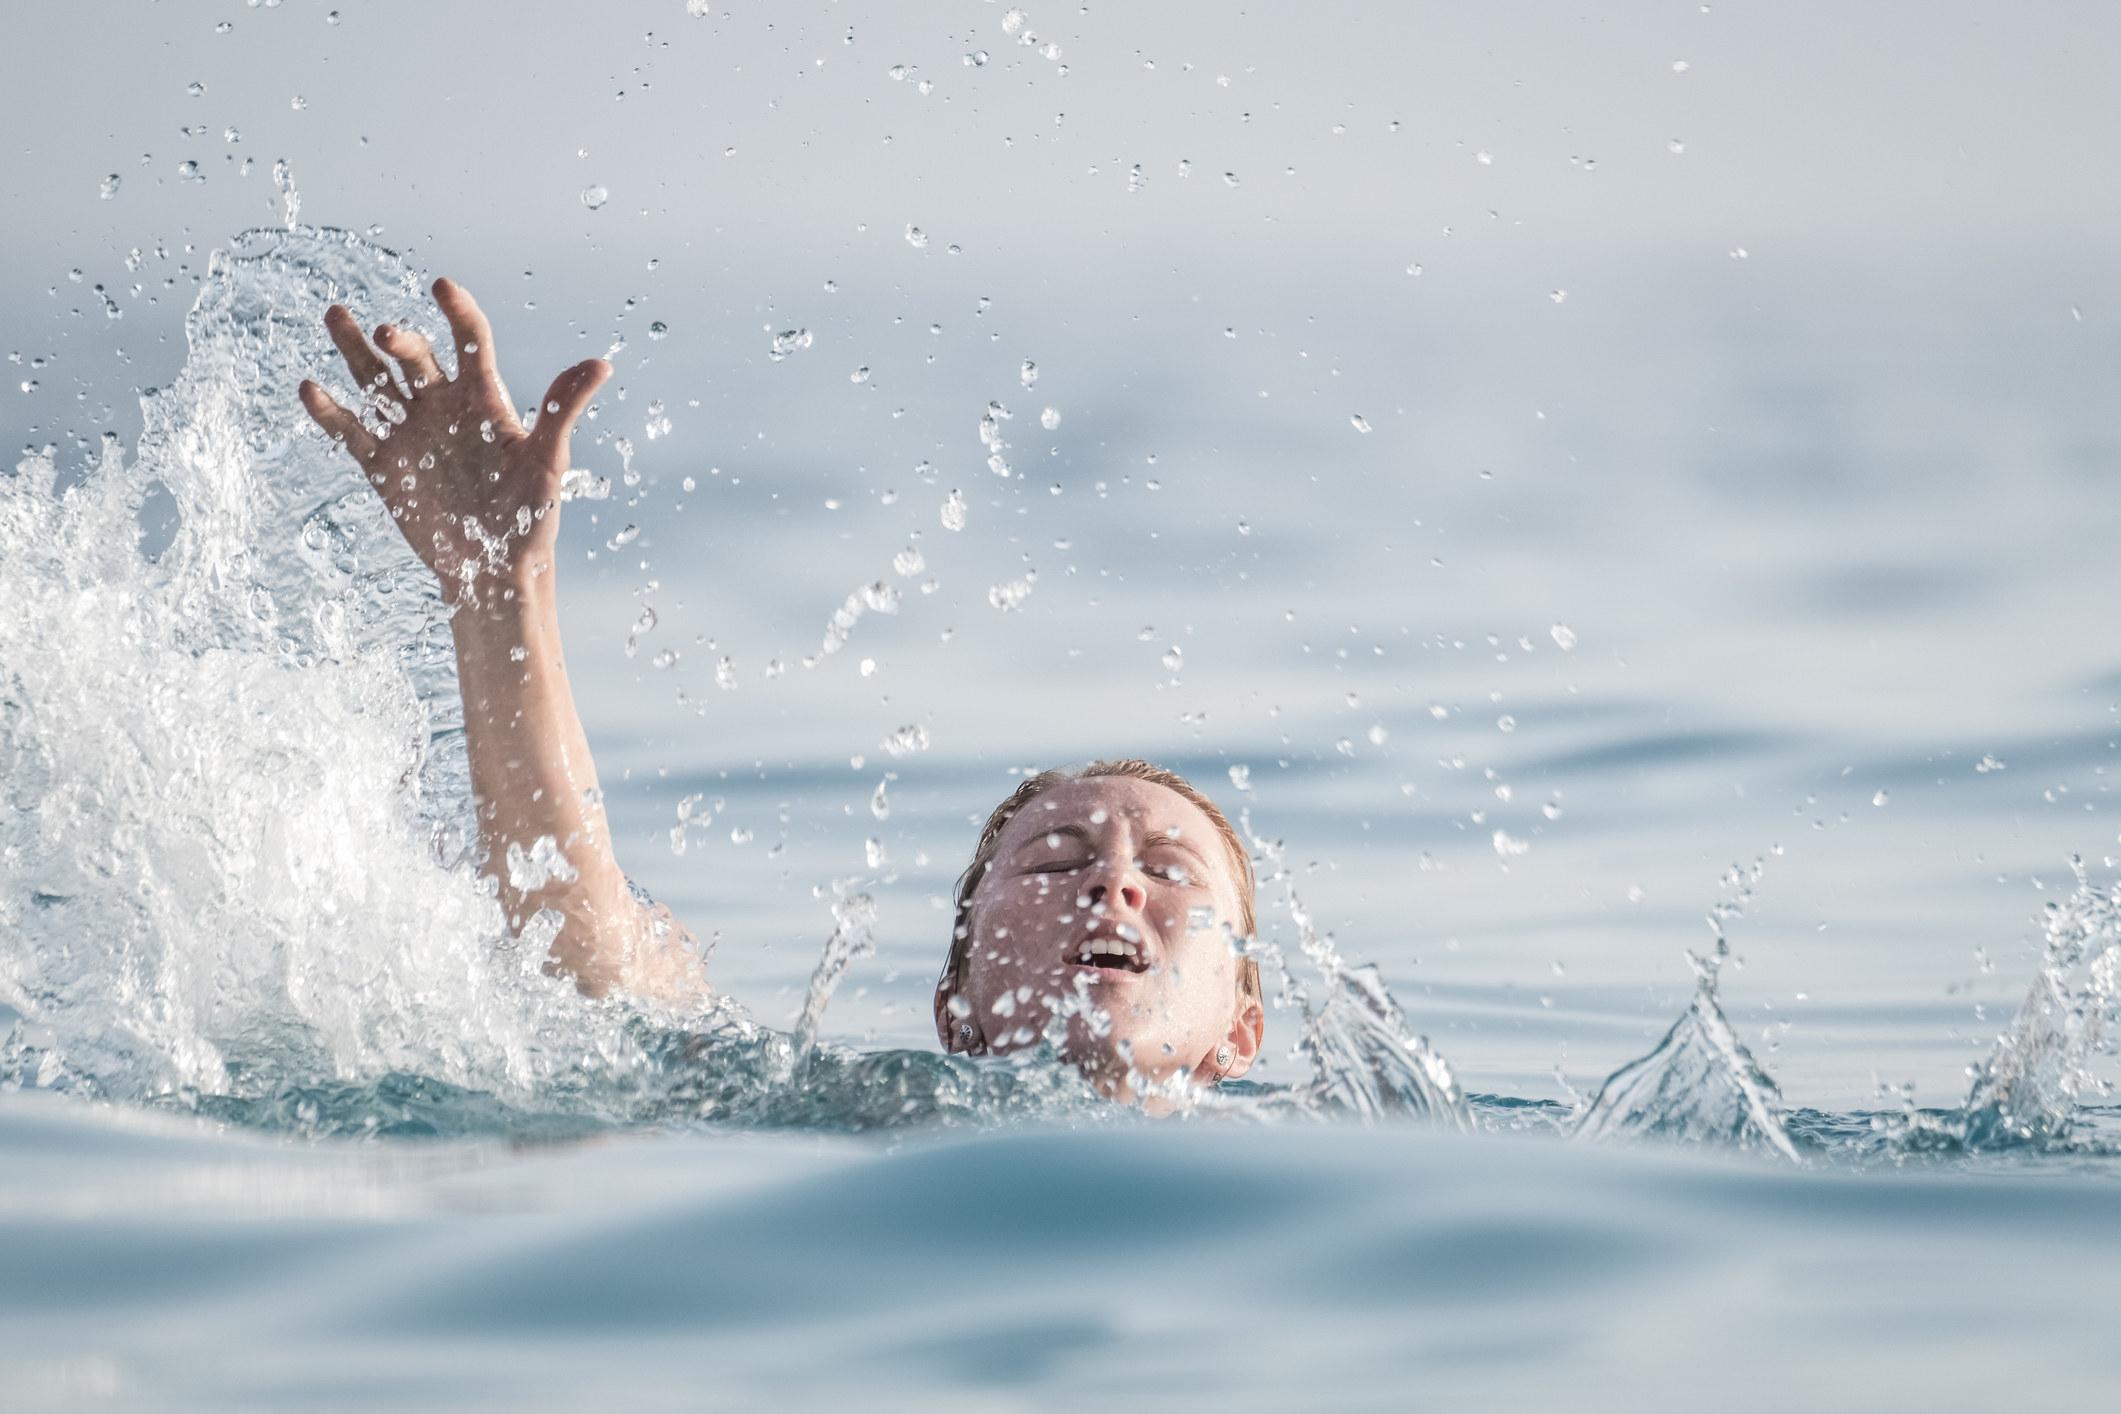 挣扎着在海里漂浮的人